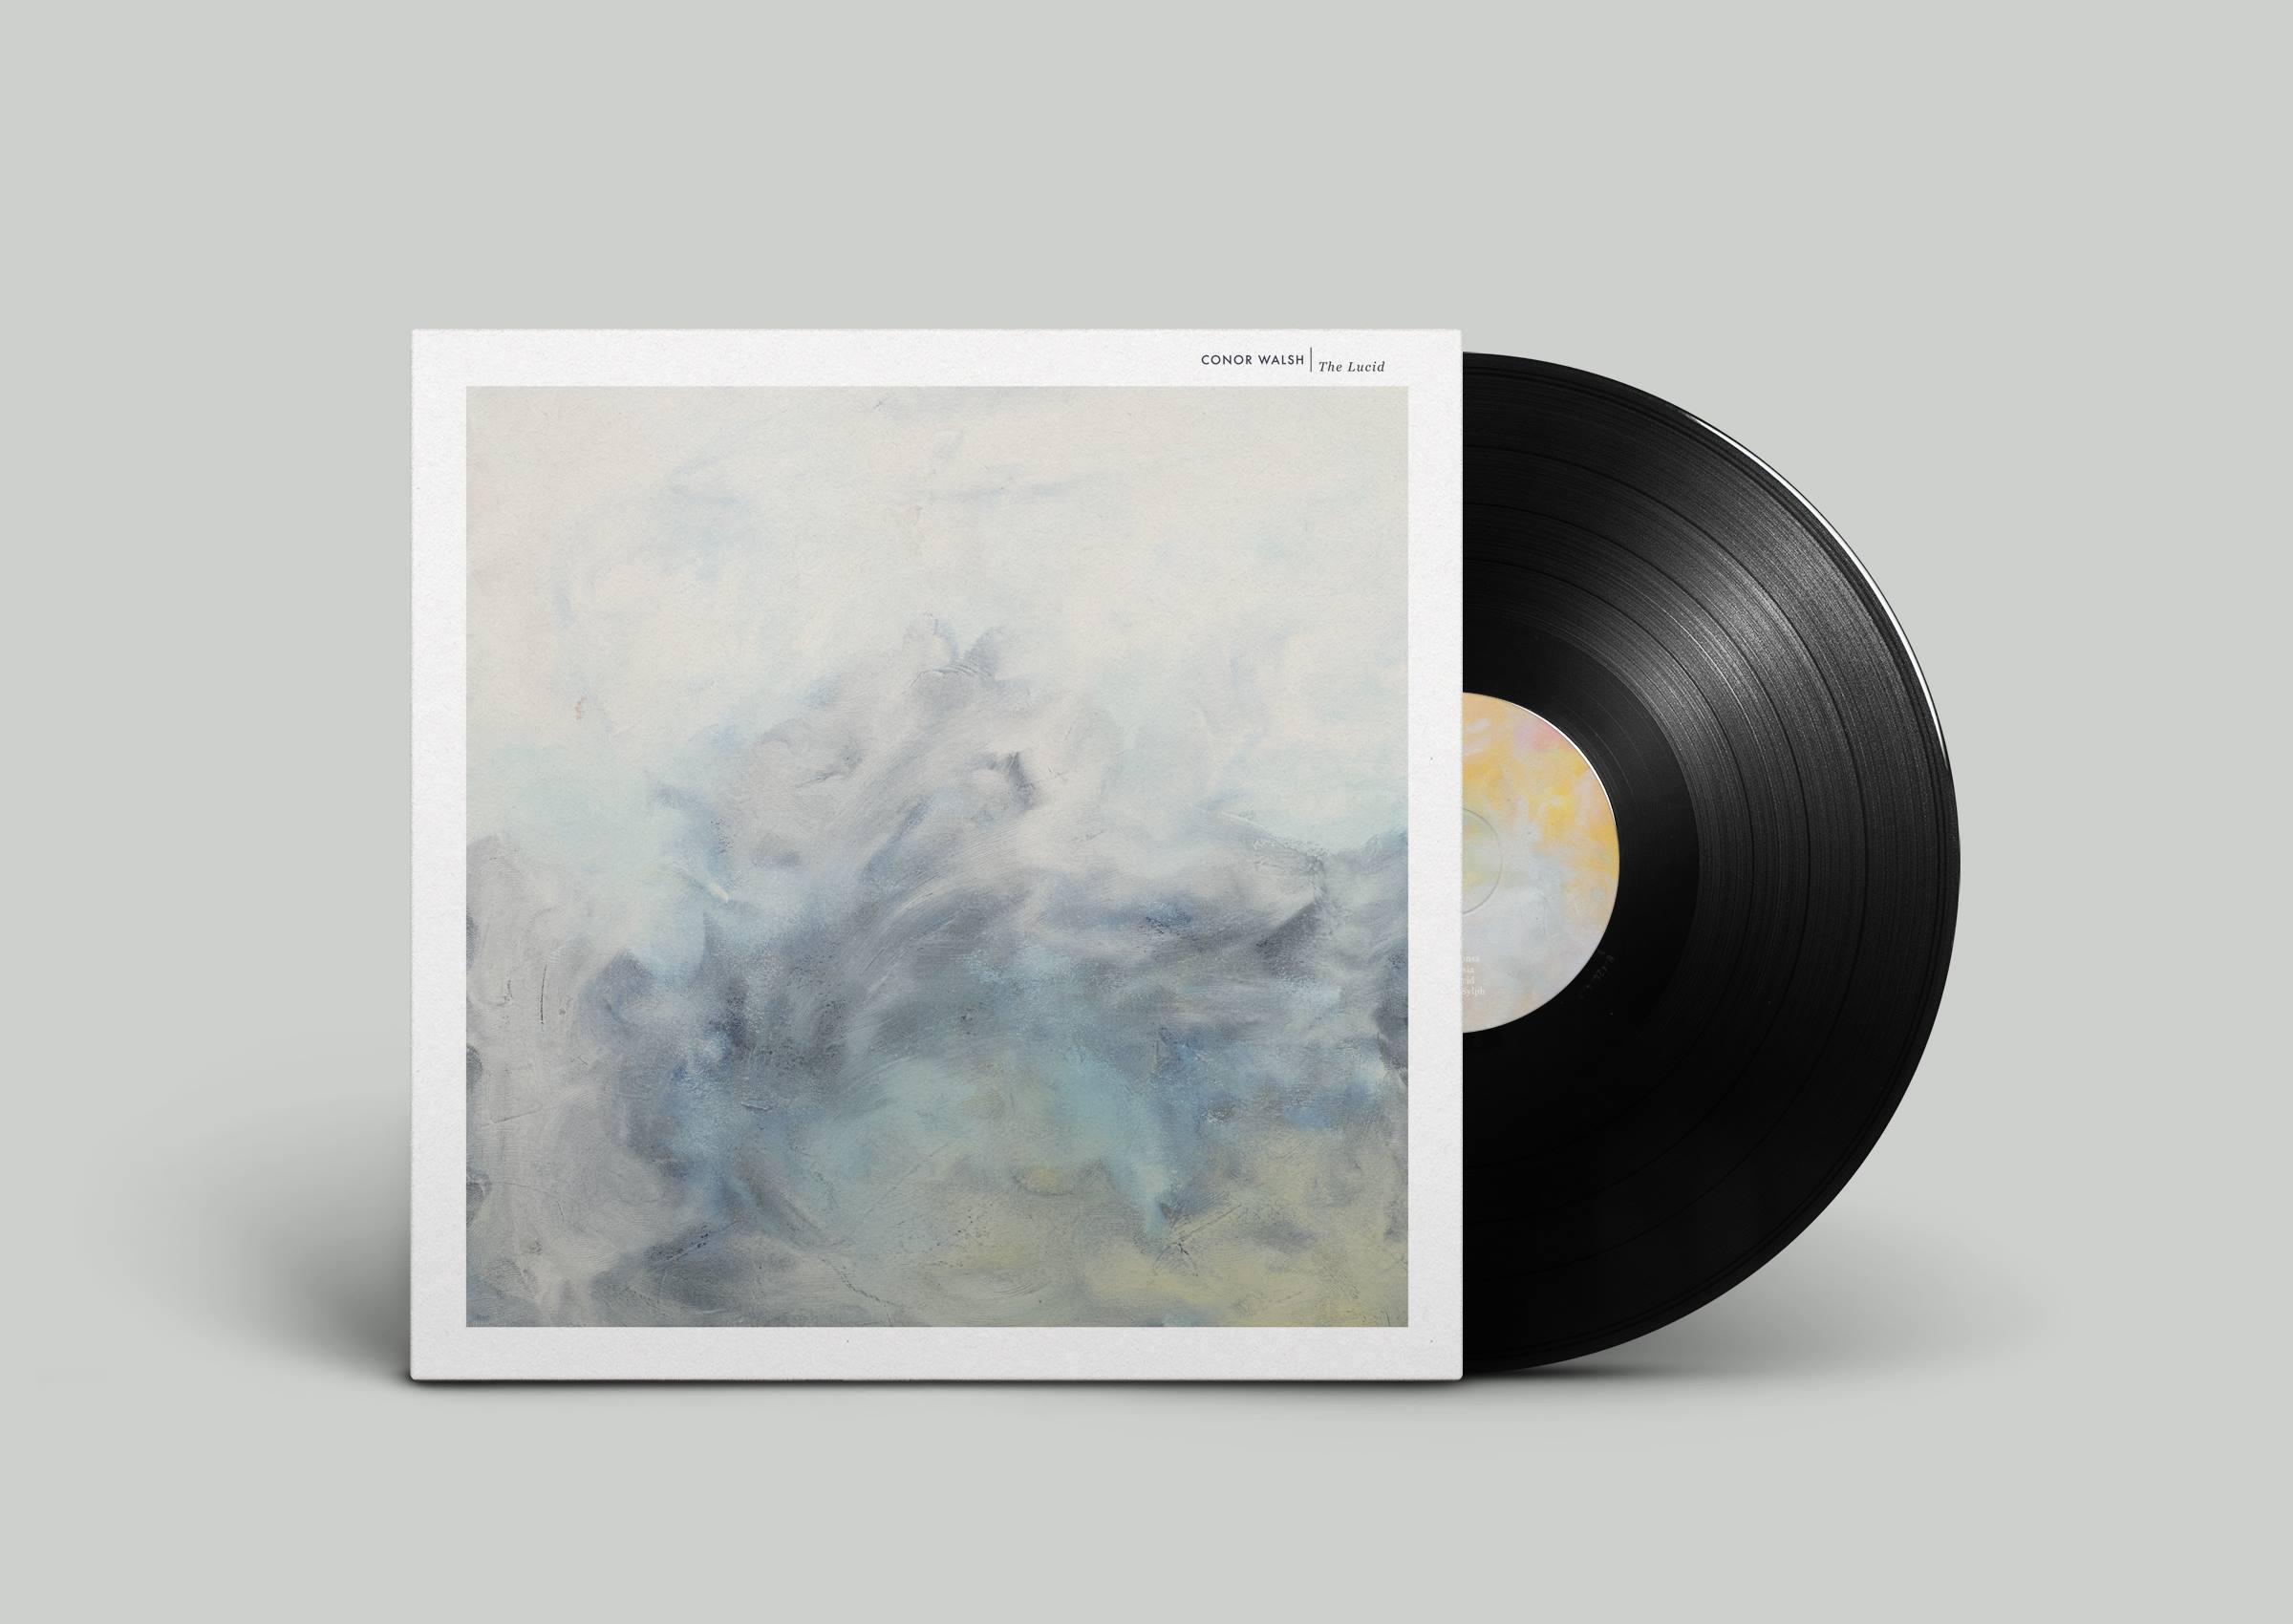 conor walsh album